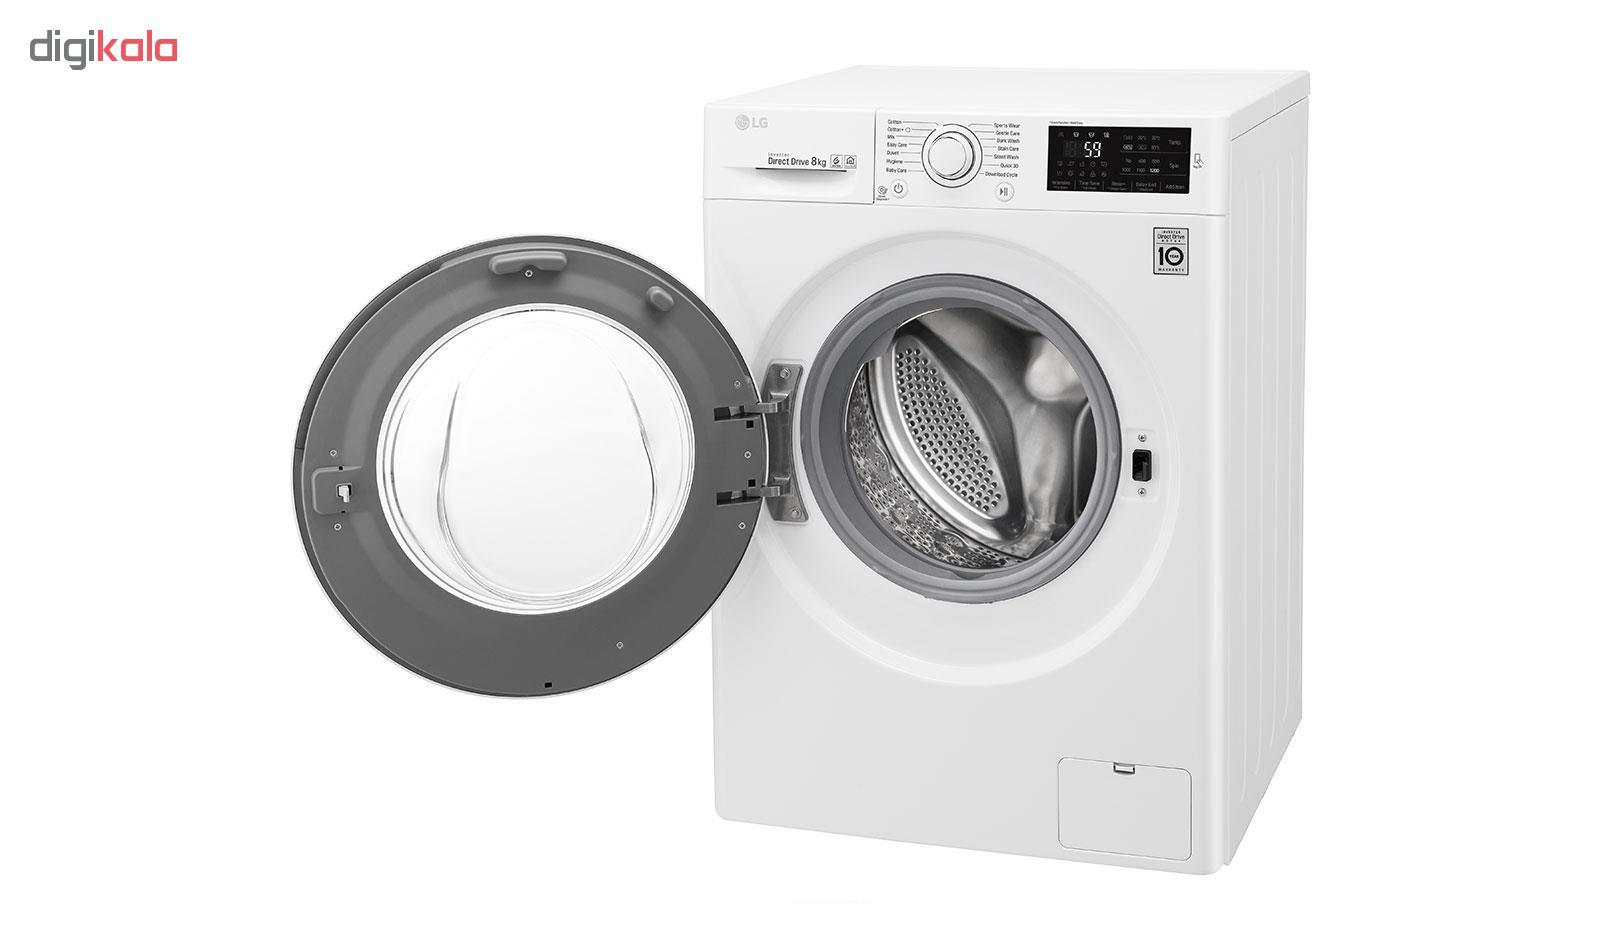 ماشین لباسشویی ال جی مدل WM-821NW ظرفیت 8 کیلوگرم main 1 8